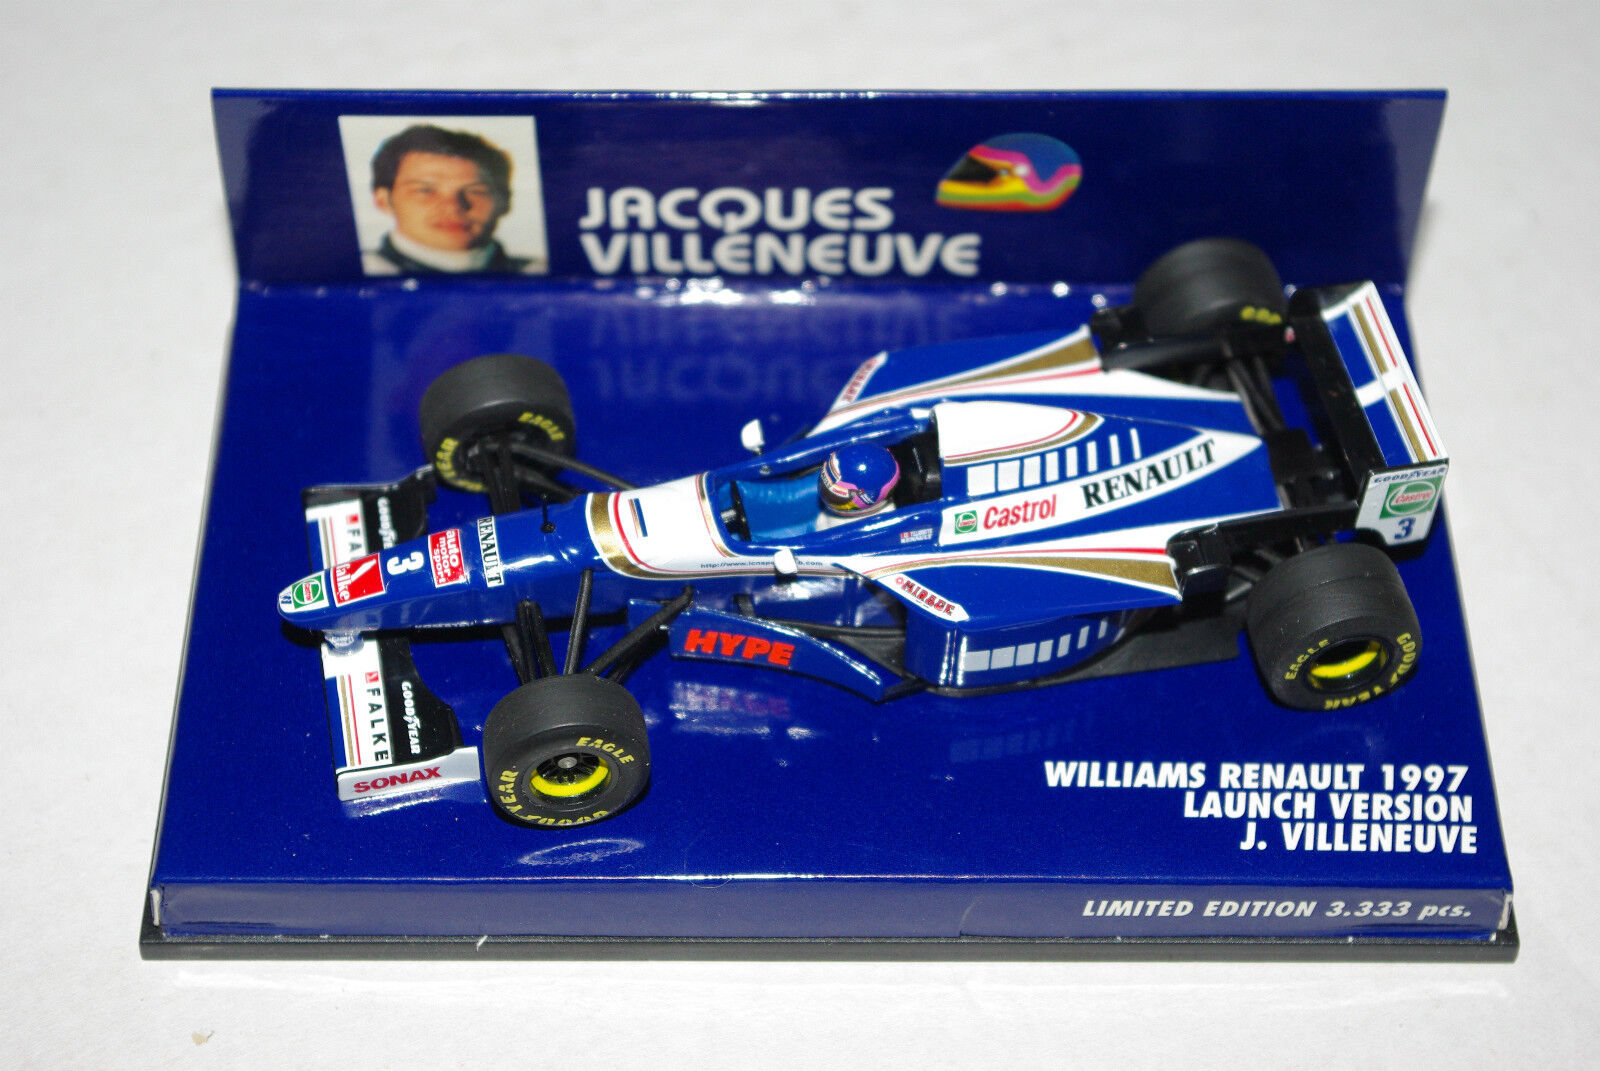 Noël Nouvel An, l'œuf est est est courtois Minichamps F1 1/43 WILLIAMS RENAULT Launch Version 1997 Villeneuve | De Grandes Variétés  6262b3